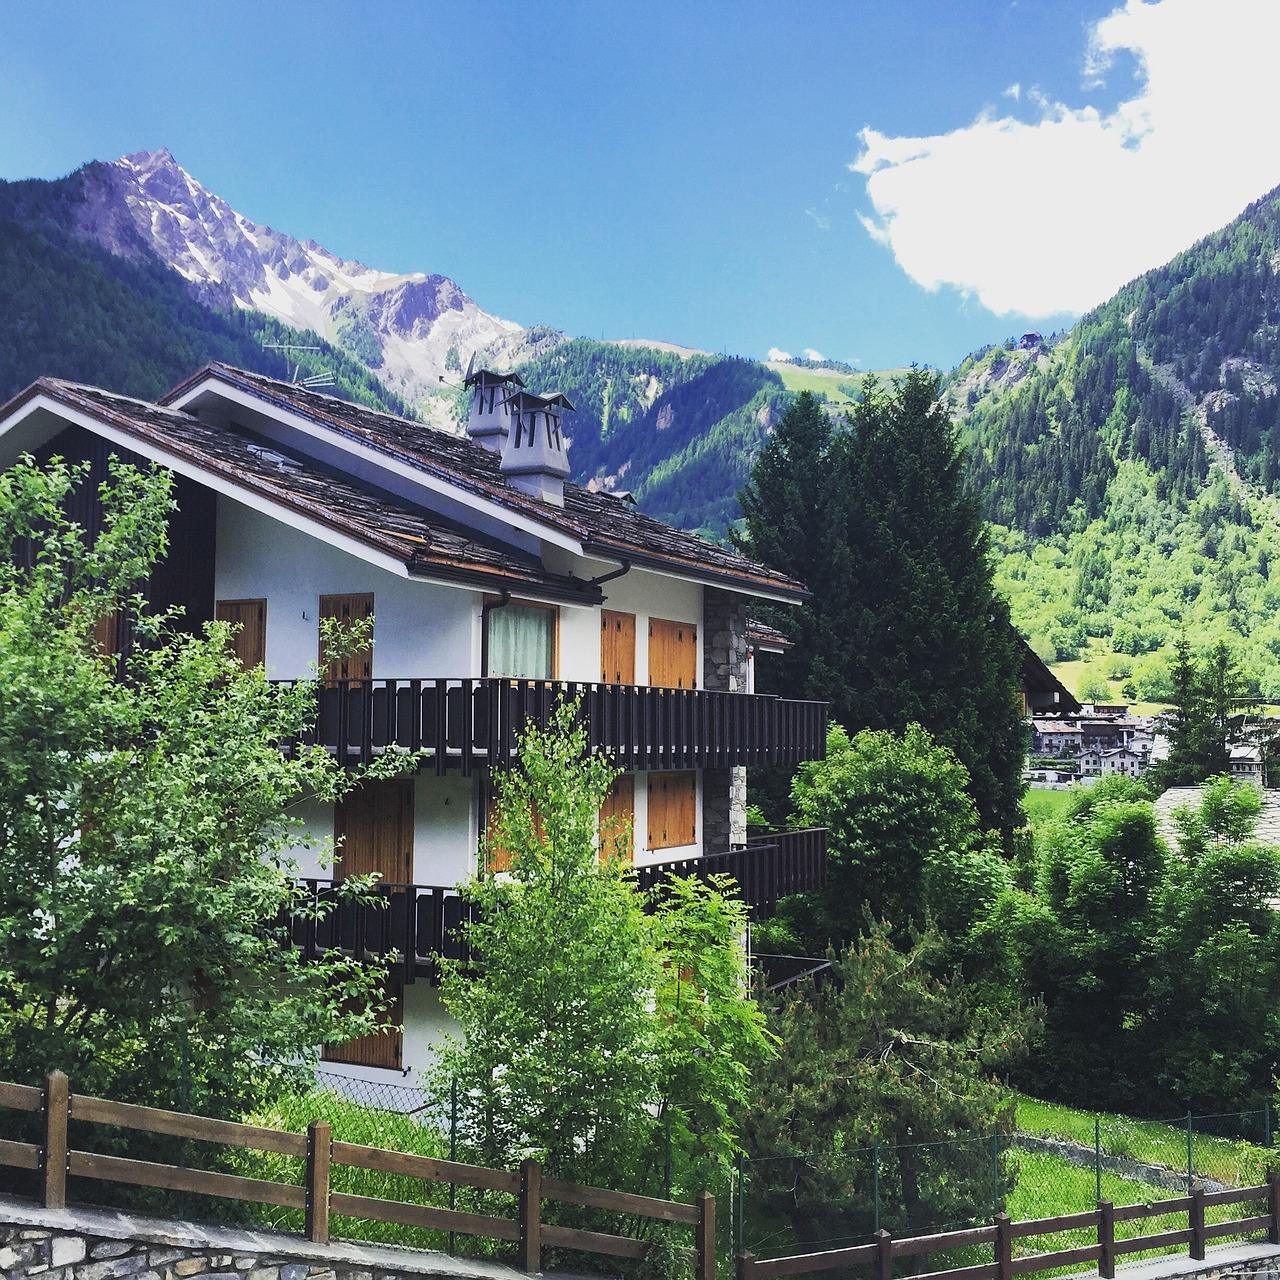 Case vacanza in montagna le 5 localit top for Prezzi case giapponesi